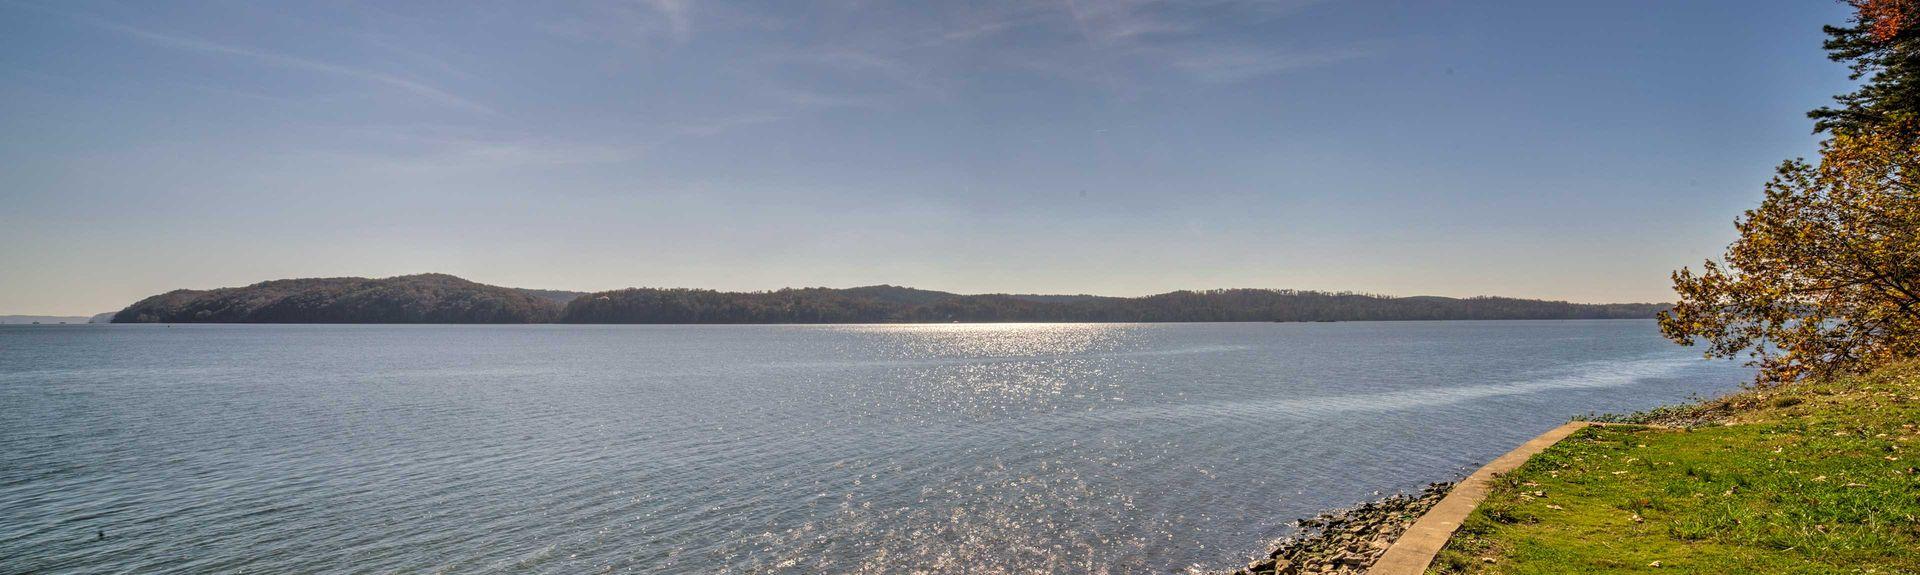 Pickwick Lake, USA